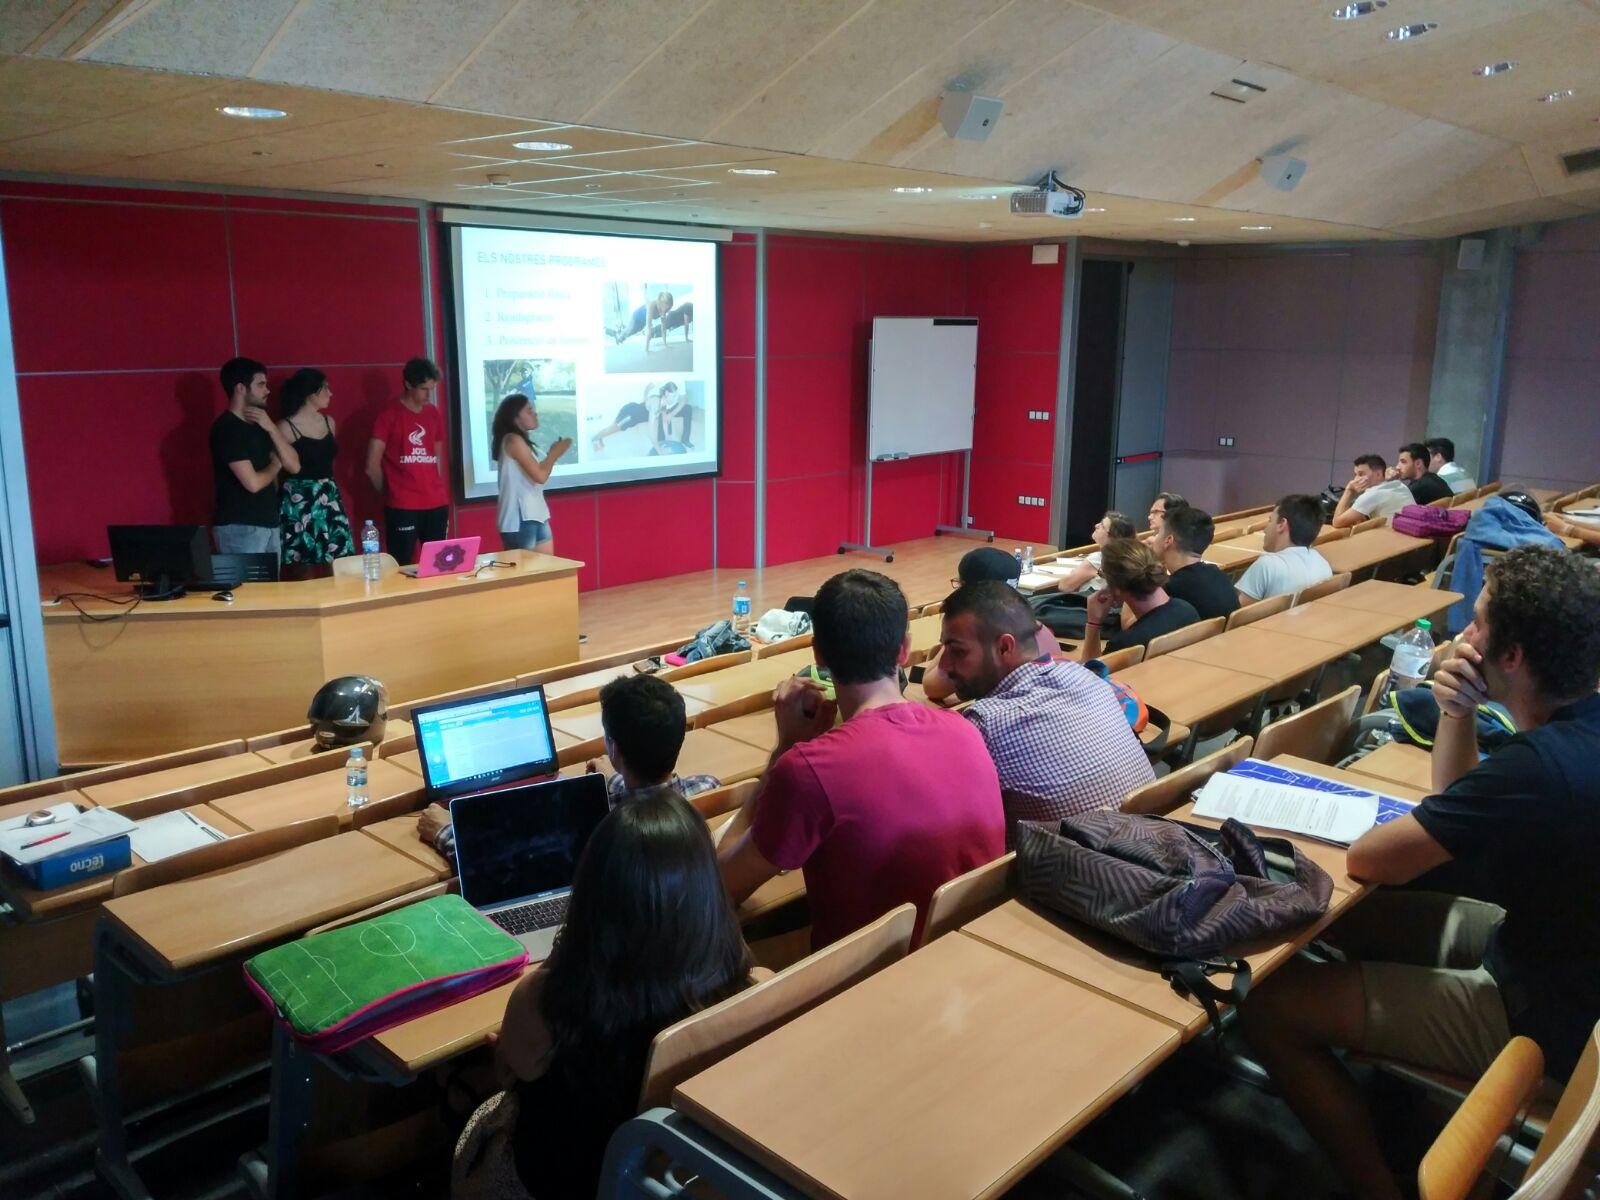 Els estudiants de 2n curs del Grau en Ciències de l'Activitat Física i l'Esport presenten els seus projectes